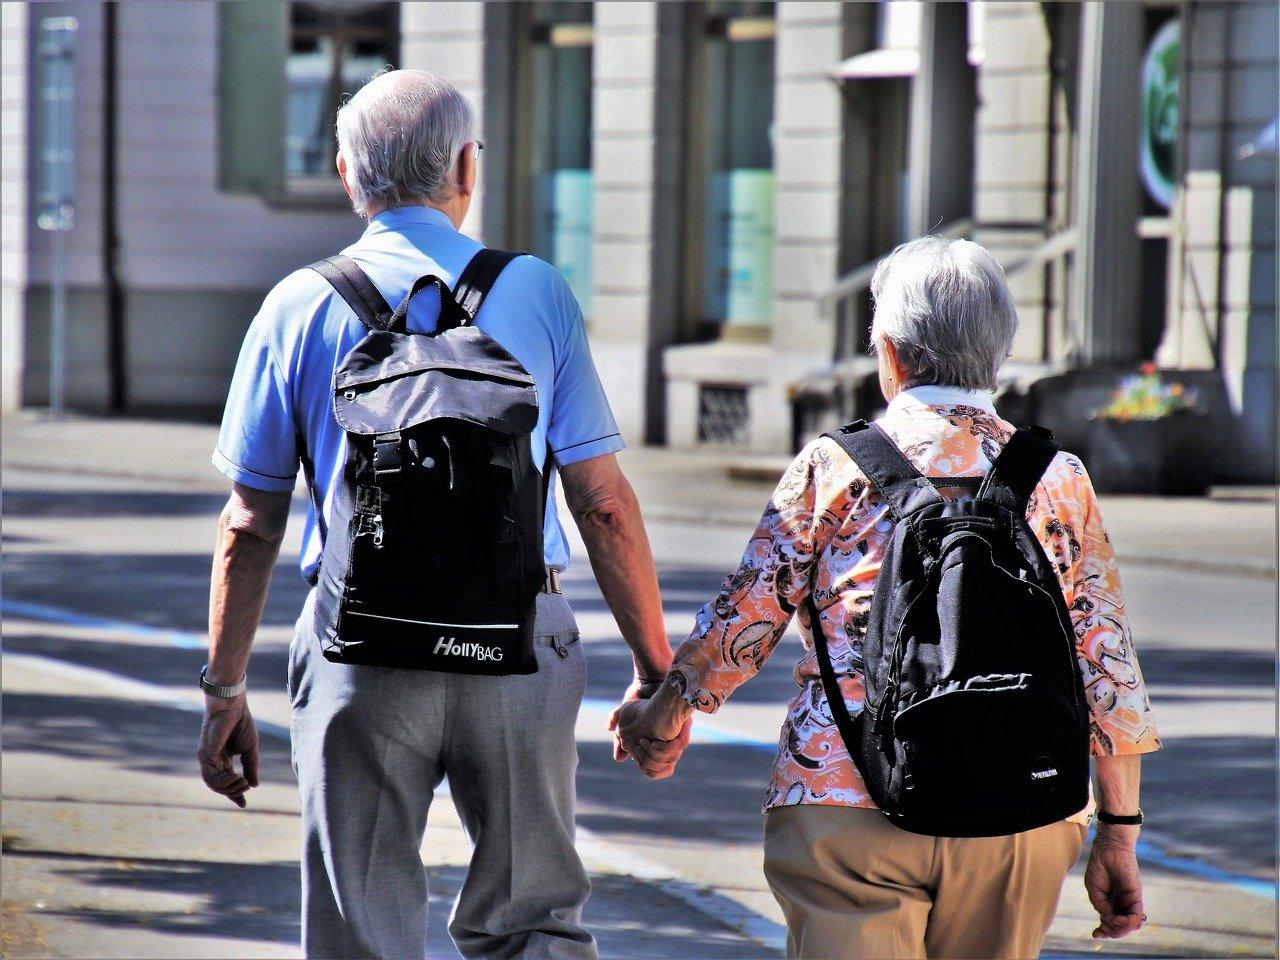 Η Ελλάδα πρόκειται να στοχεύσει ξένους συνταξιούχους με ενιαίο φορολογικό συντελεστή 7%, με στόχο να στηρίξει την οικονομική ανάκαμψη